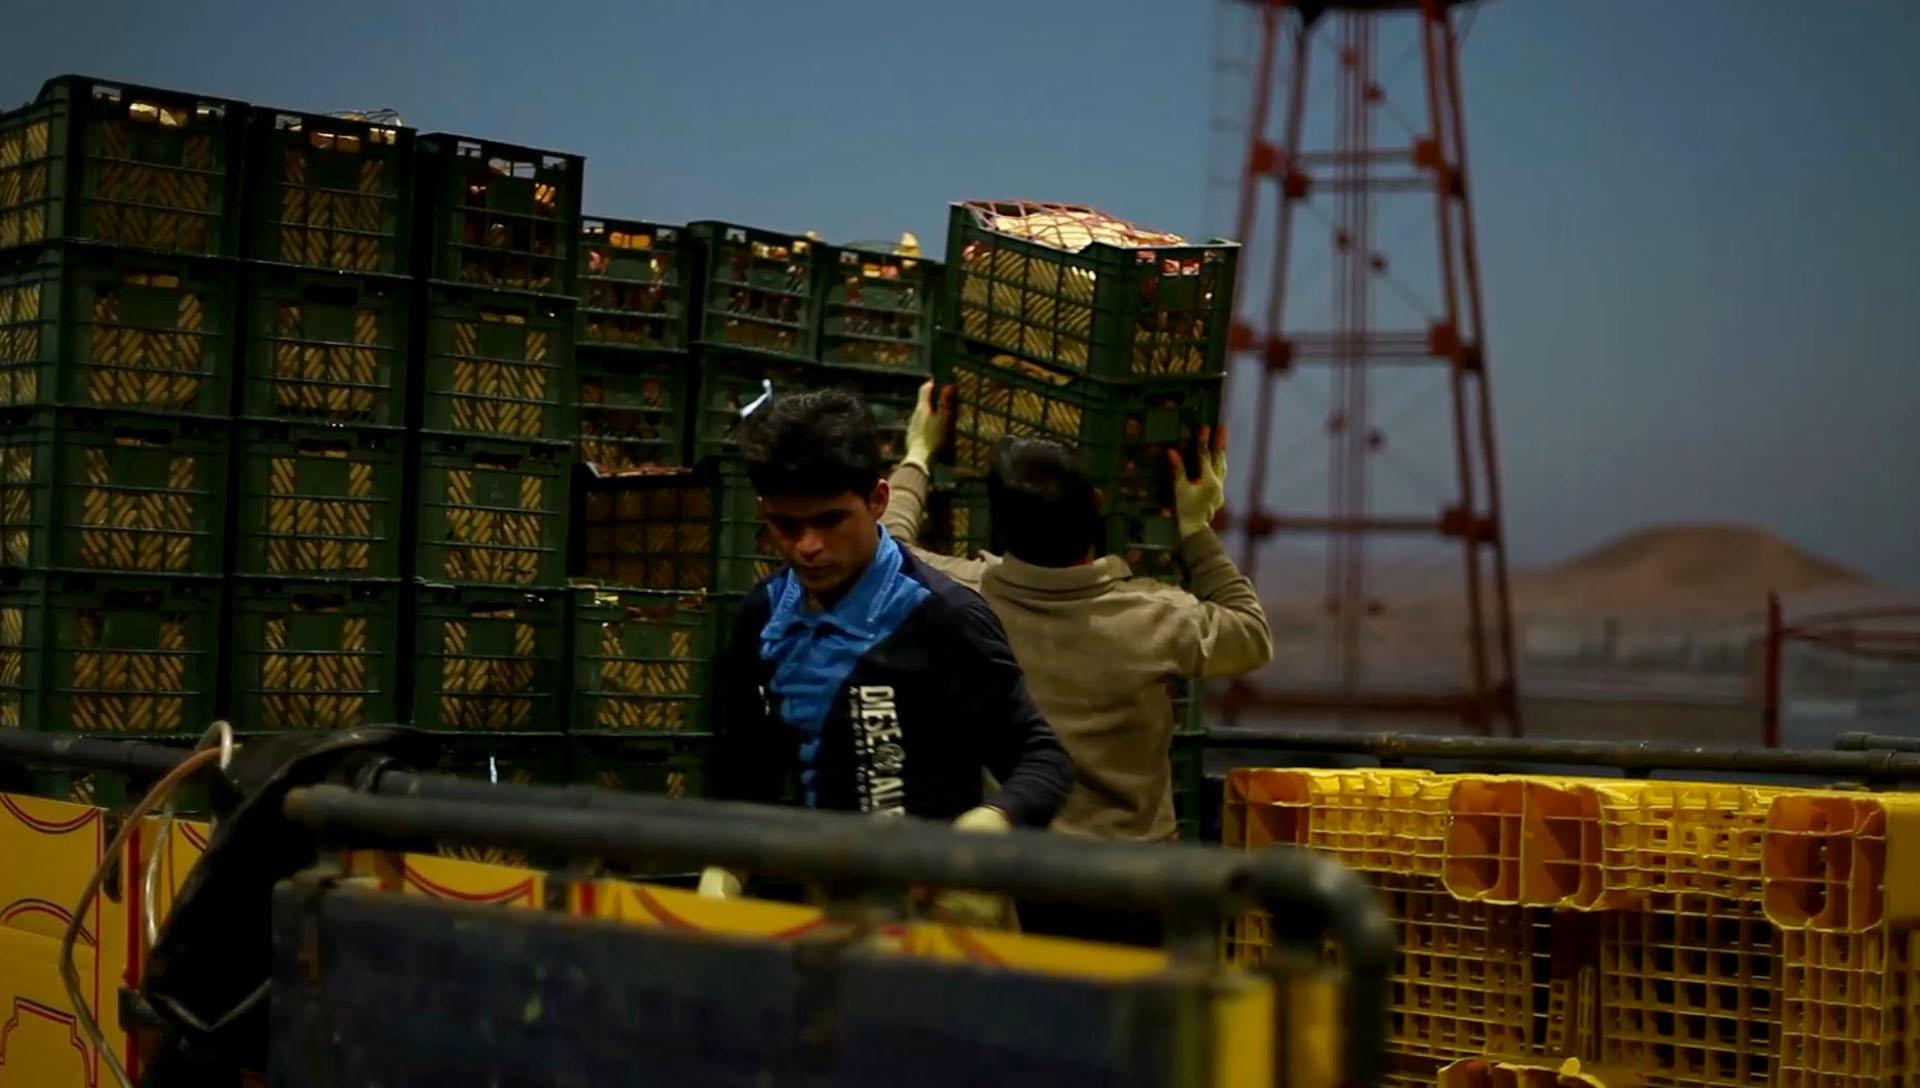 شرکت فیلمسازی زوم شیراز مستند صنعتی 12